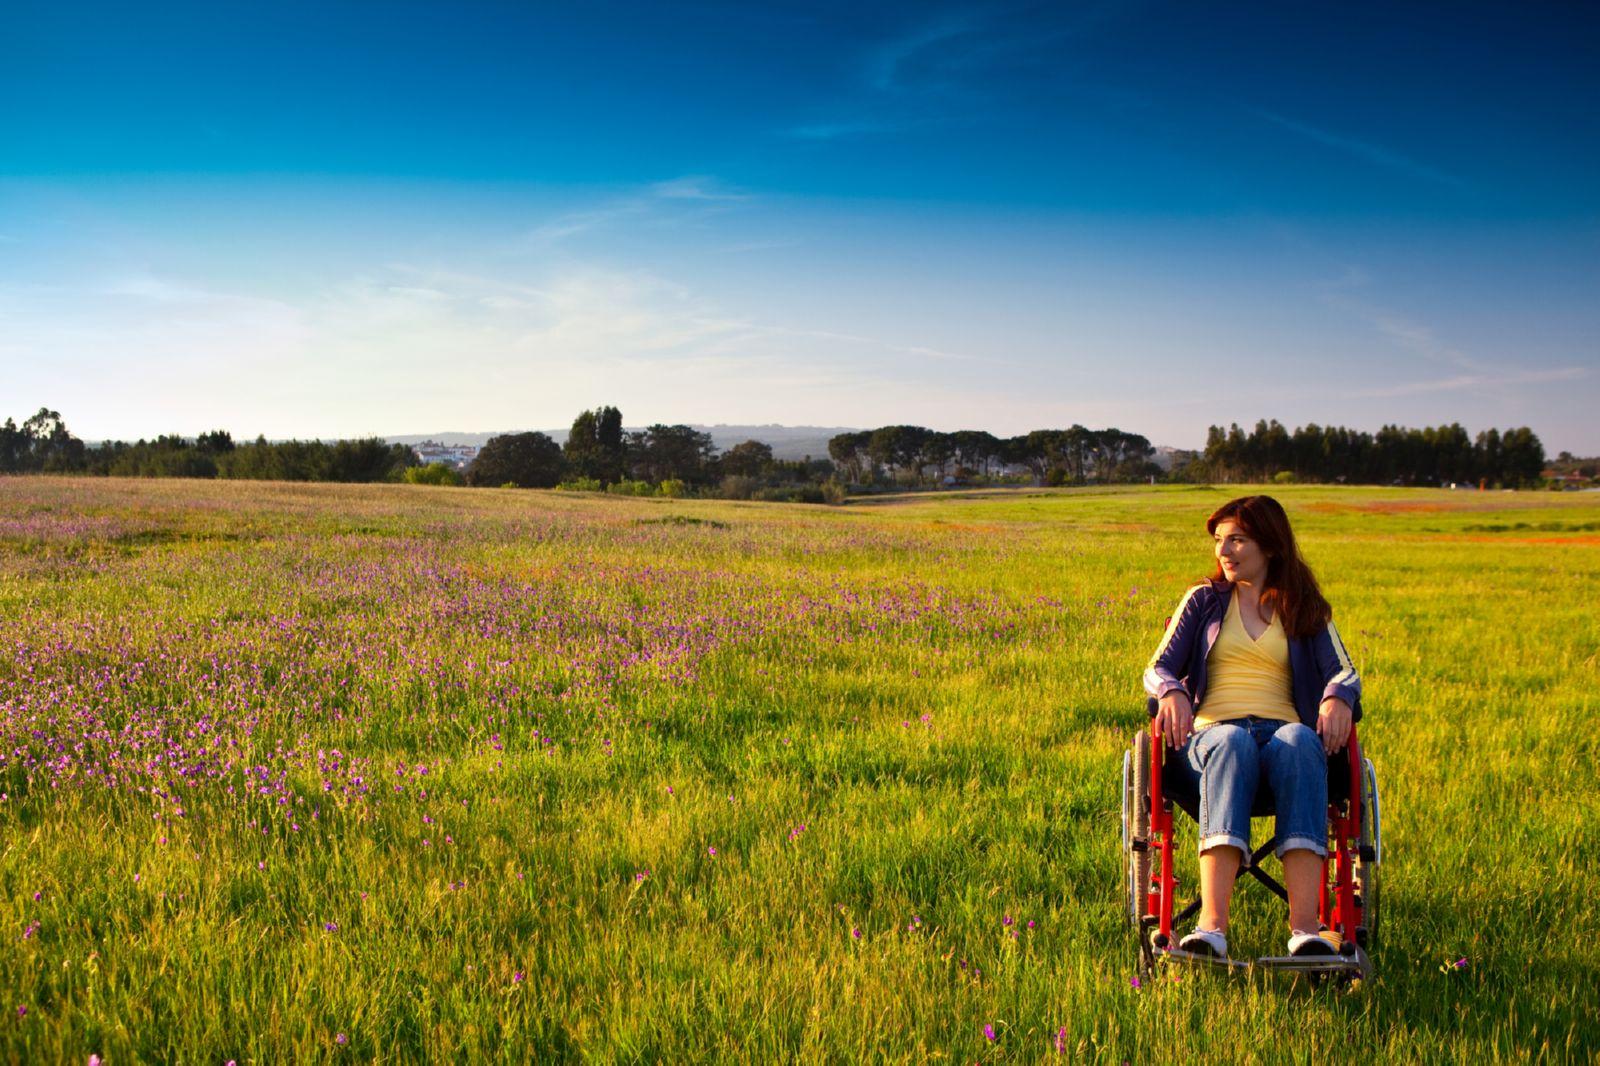 Образец заявления на предоставление земельного участка инвалиду